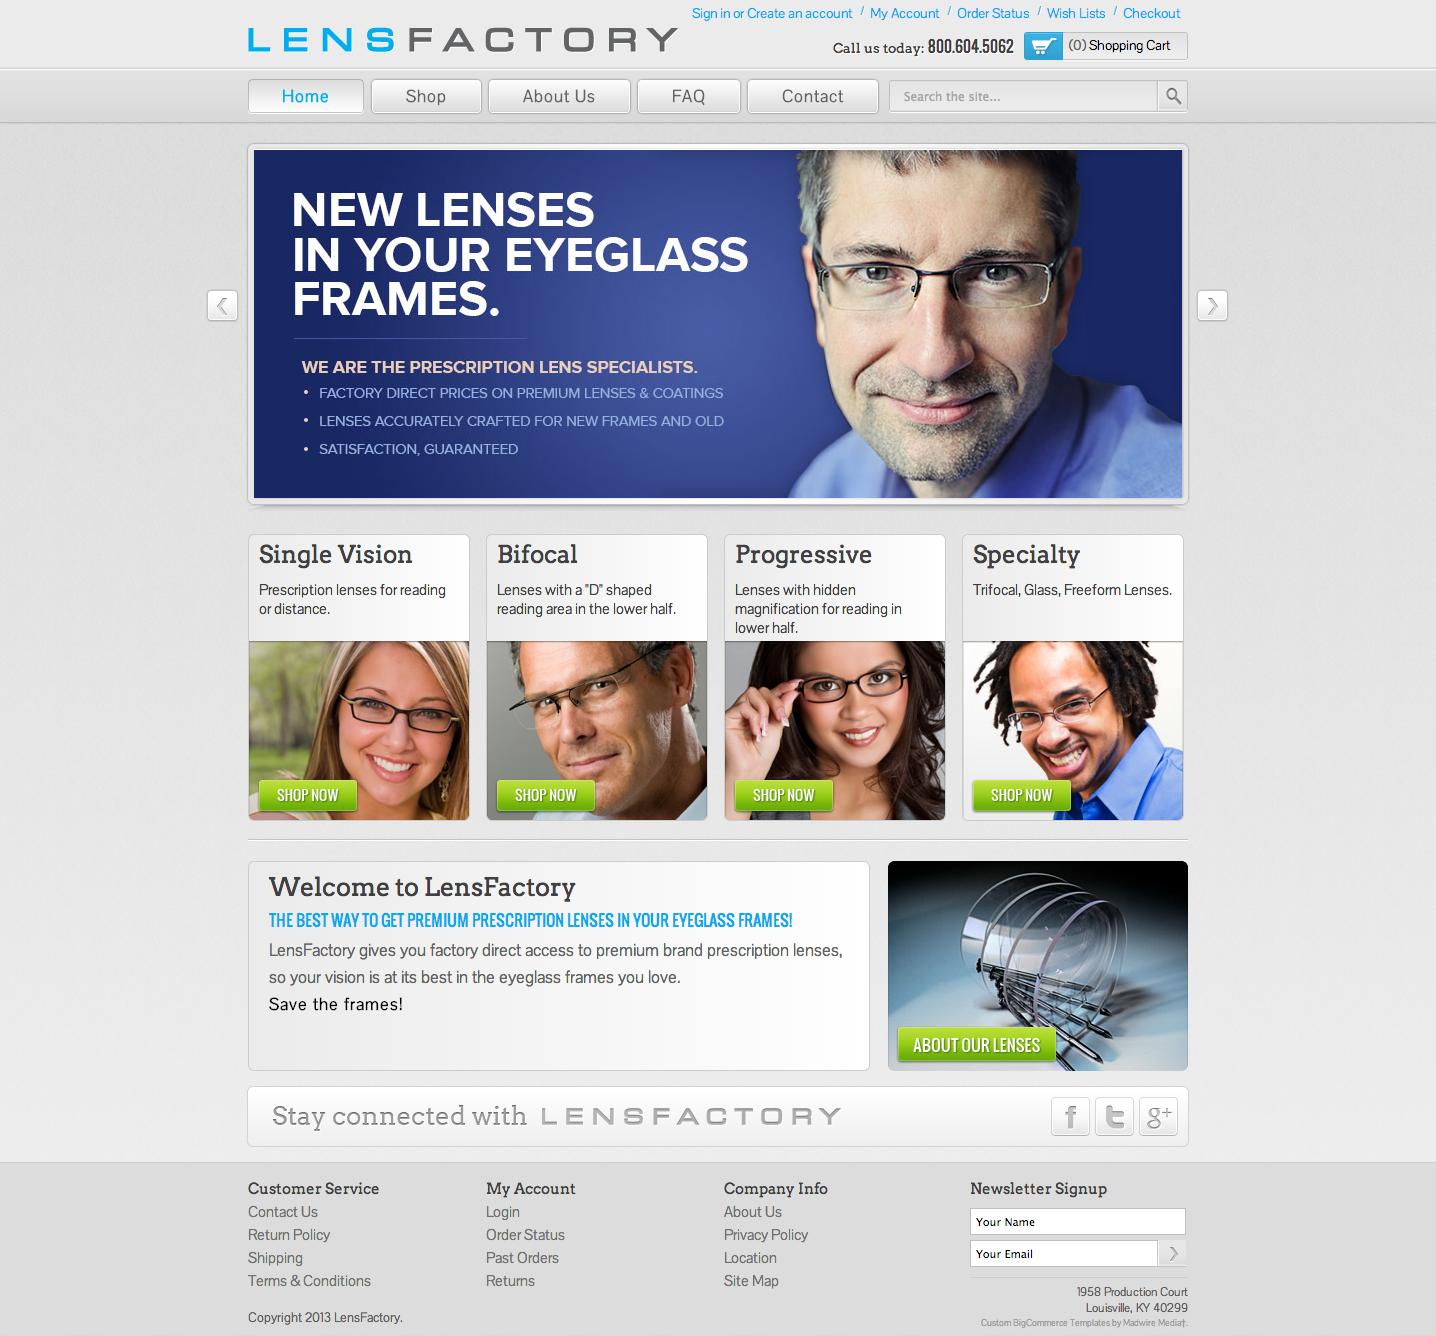 Eyeglass Startup Focuses On Lenses Bridges Gap Between